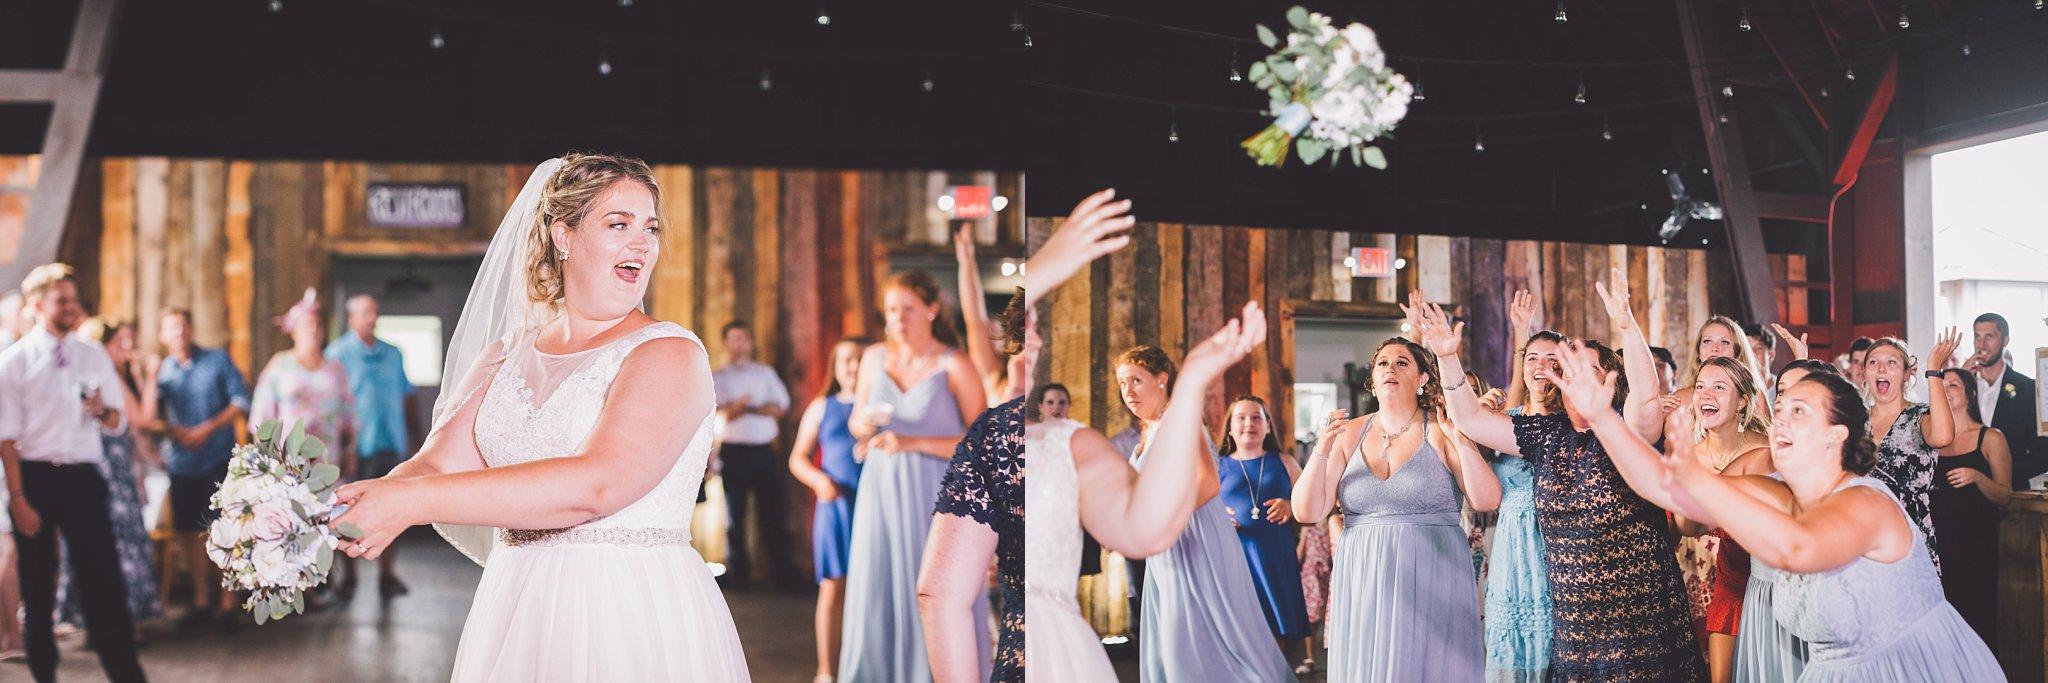 finger lakes wedding photography larkin and trevor_0122.jpg